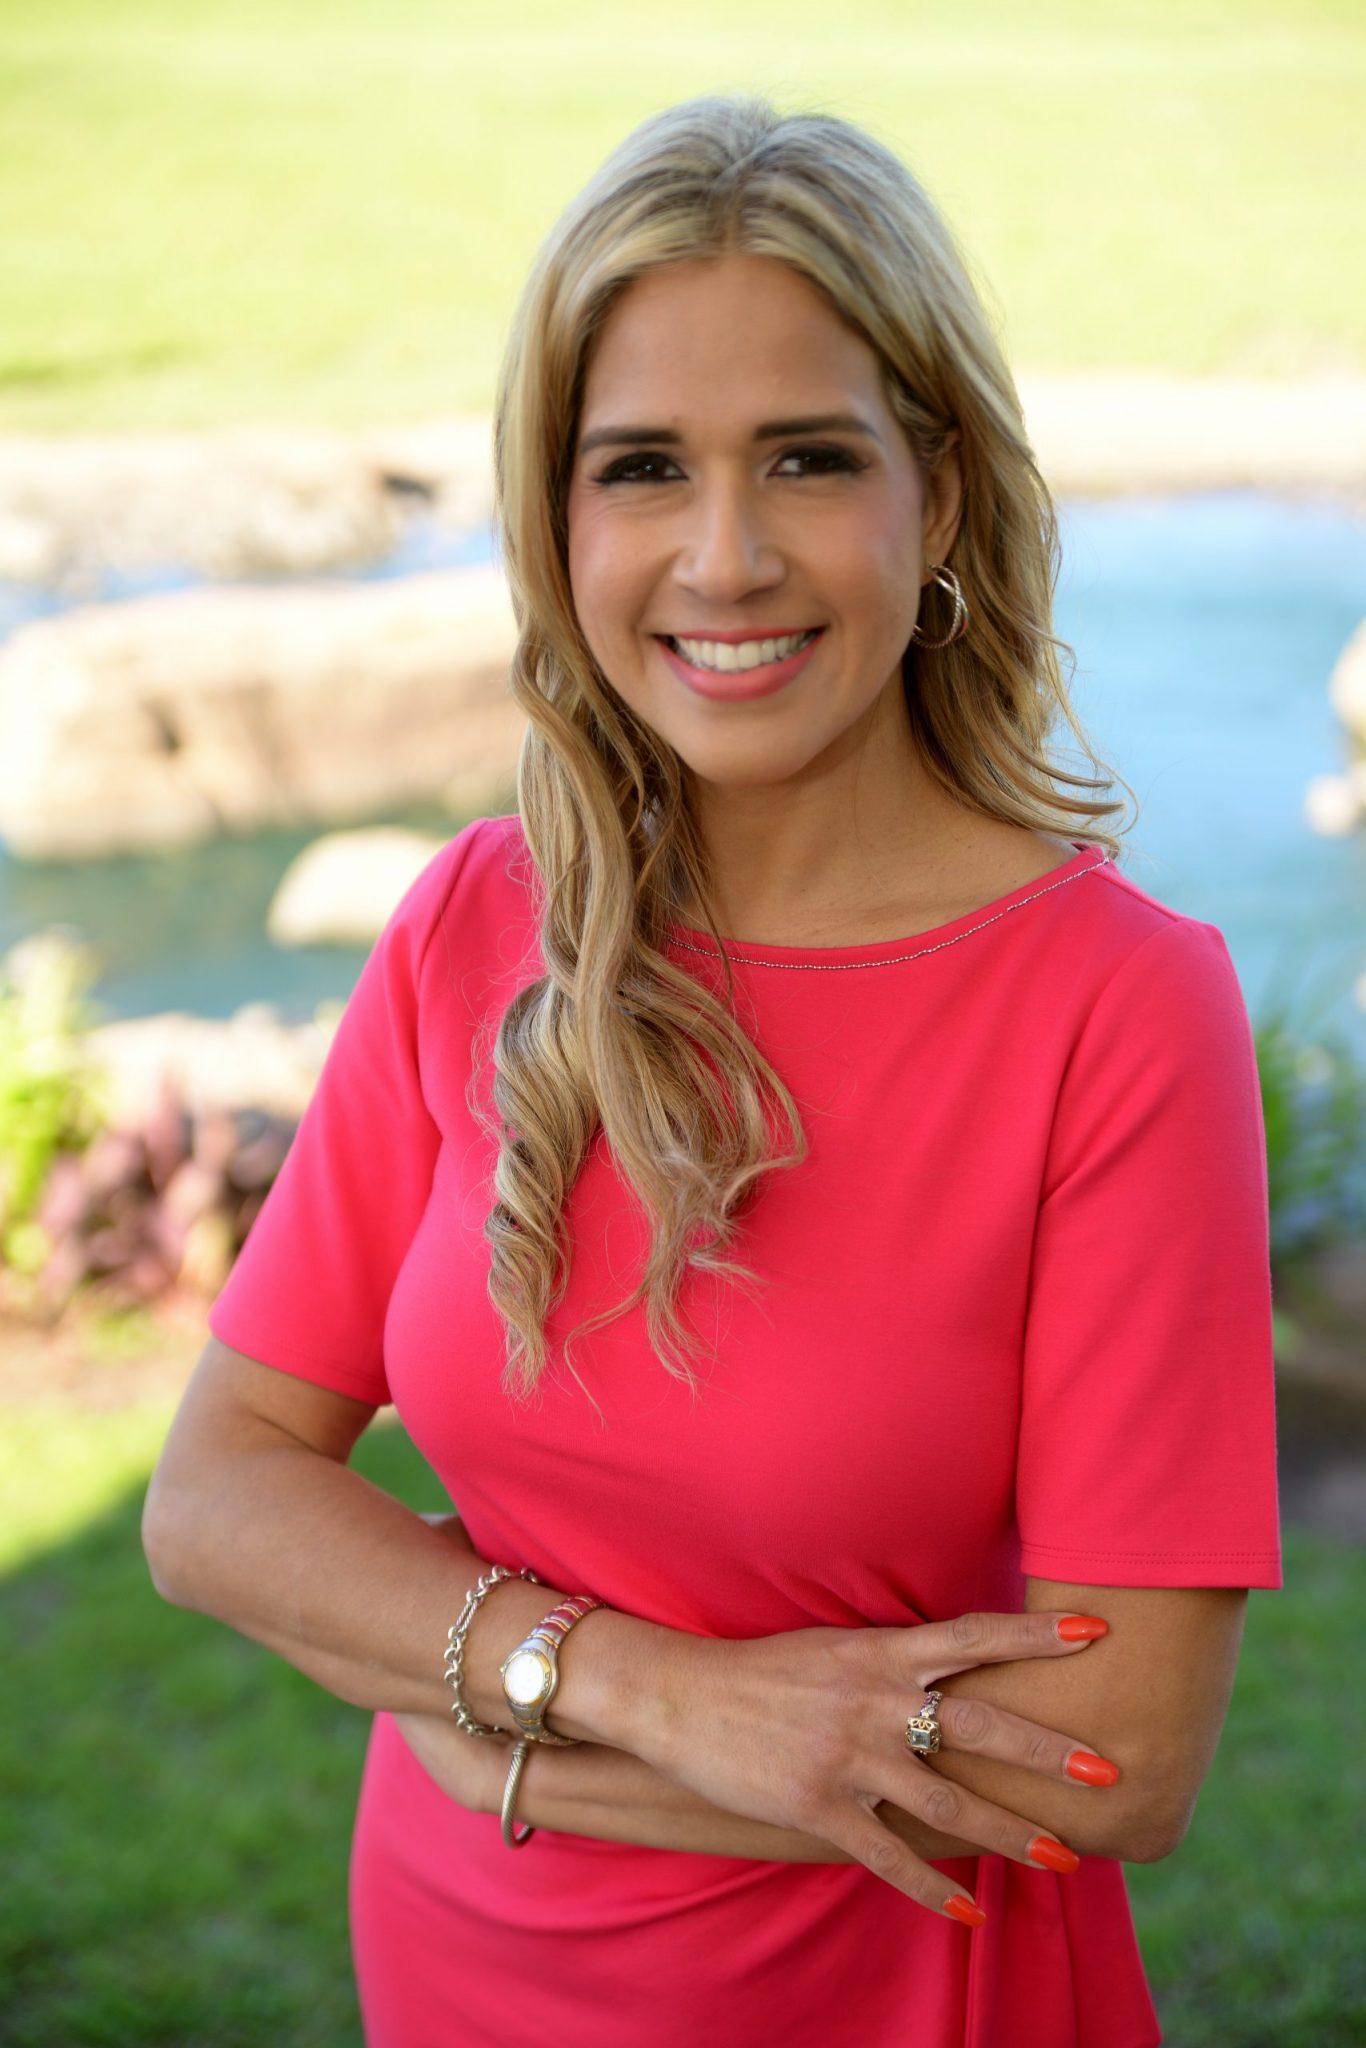 Ms. Marissa Burres